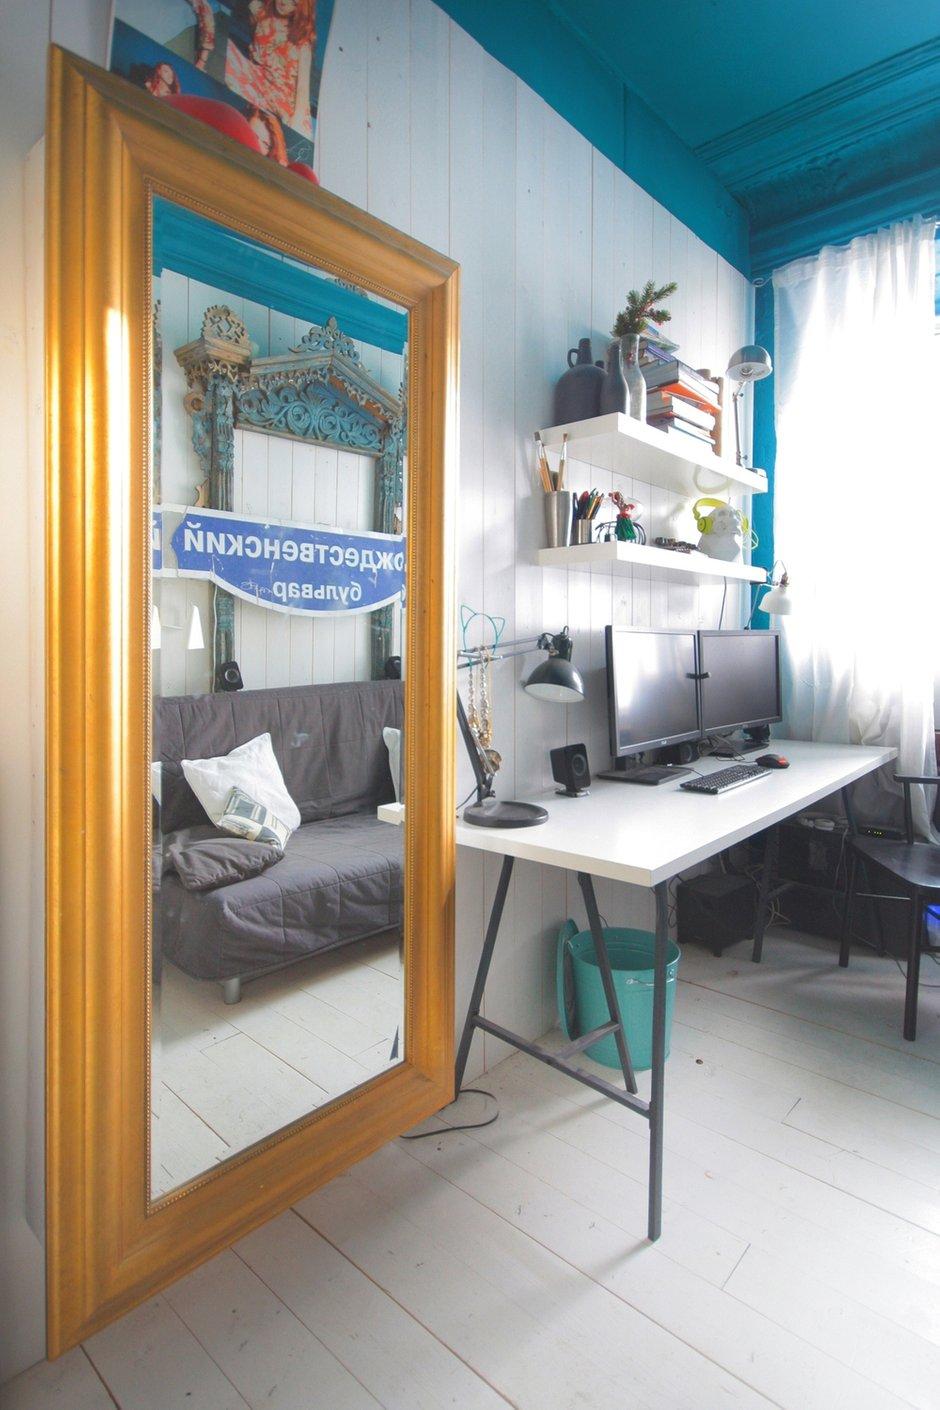 Фотография: Офис в стиле Современный, Малогабаритная квартира, Квартира, Цвет в интерьере, Дома и квартиры, Белый, Бирюзовый – фото на INMYROOM